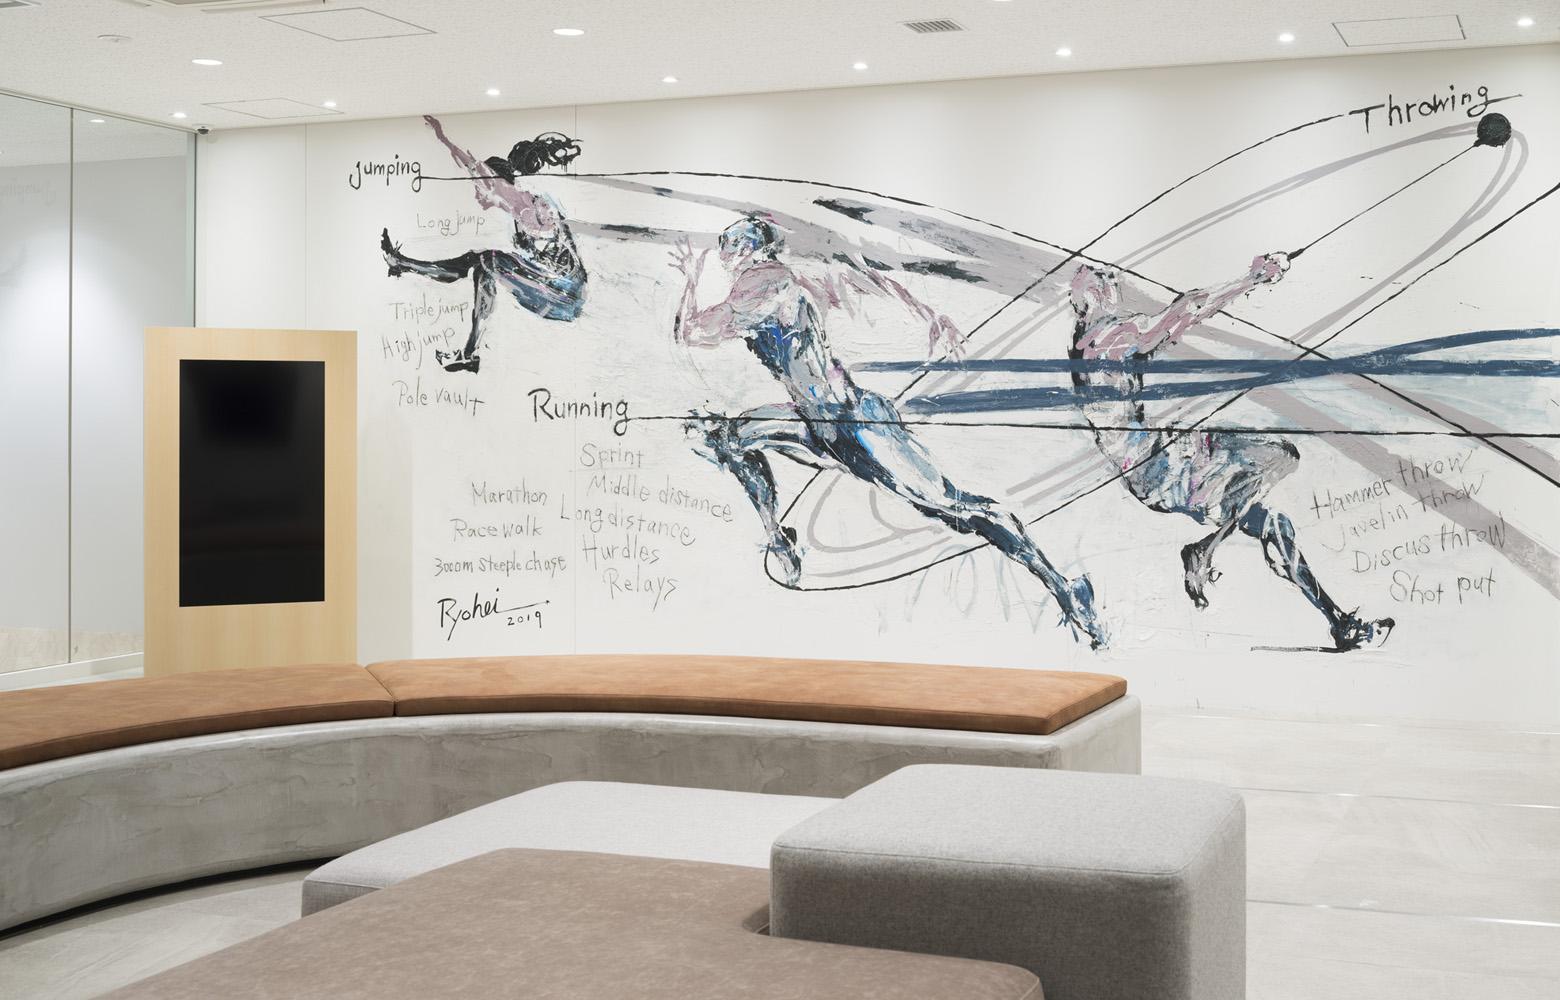 公益財団法人日本陸上競技連盟 Entrance_Art デザイン・レイアウト事例